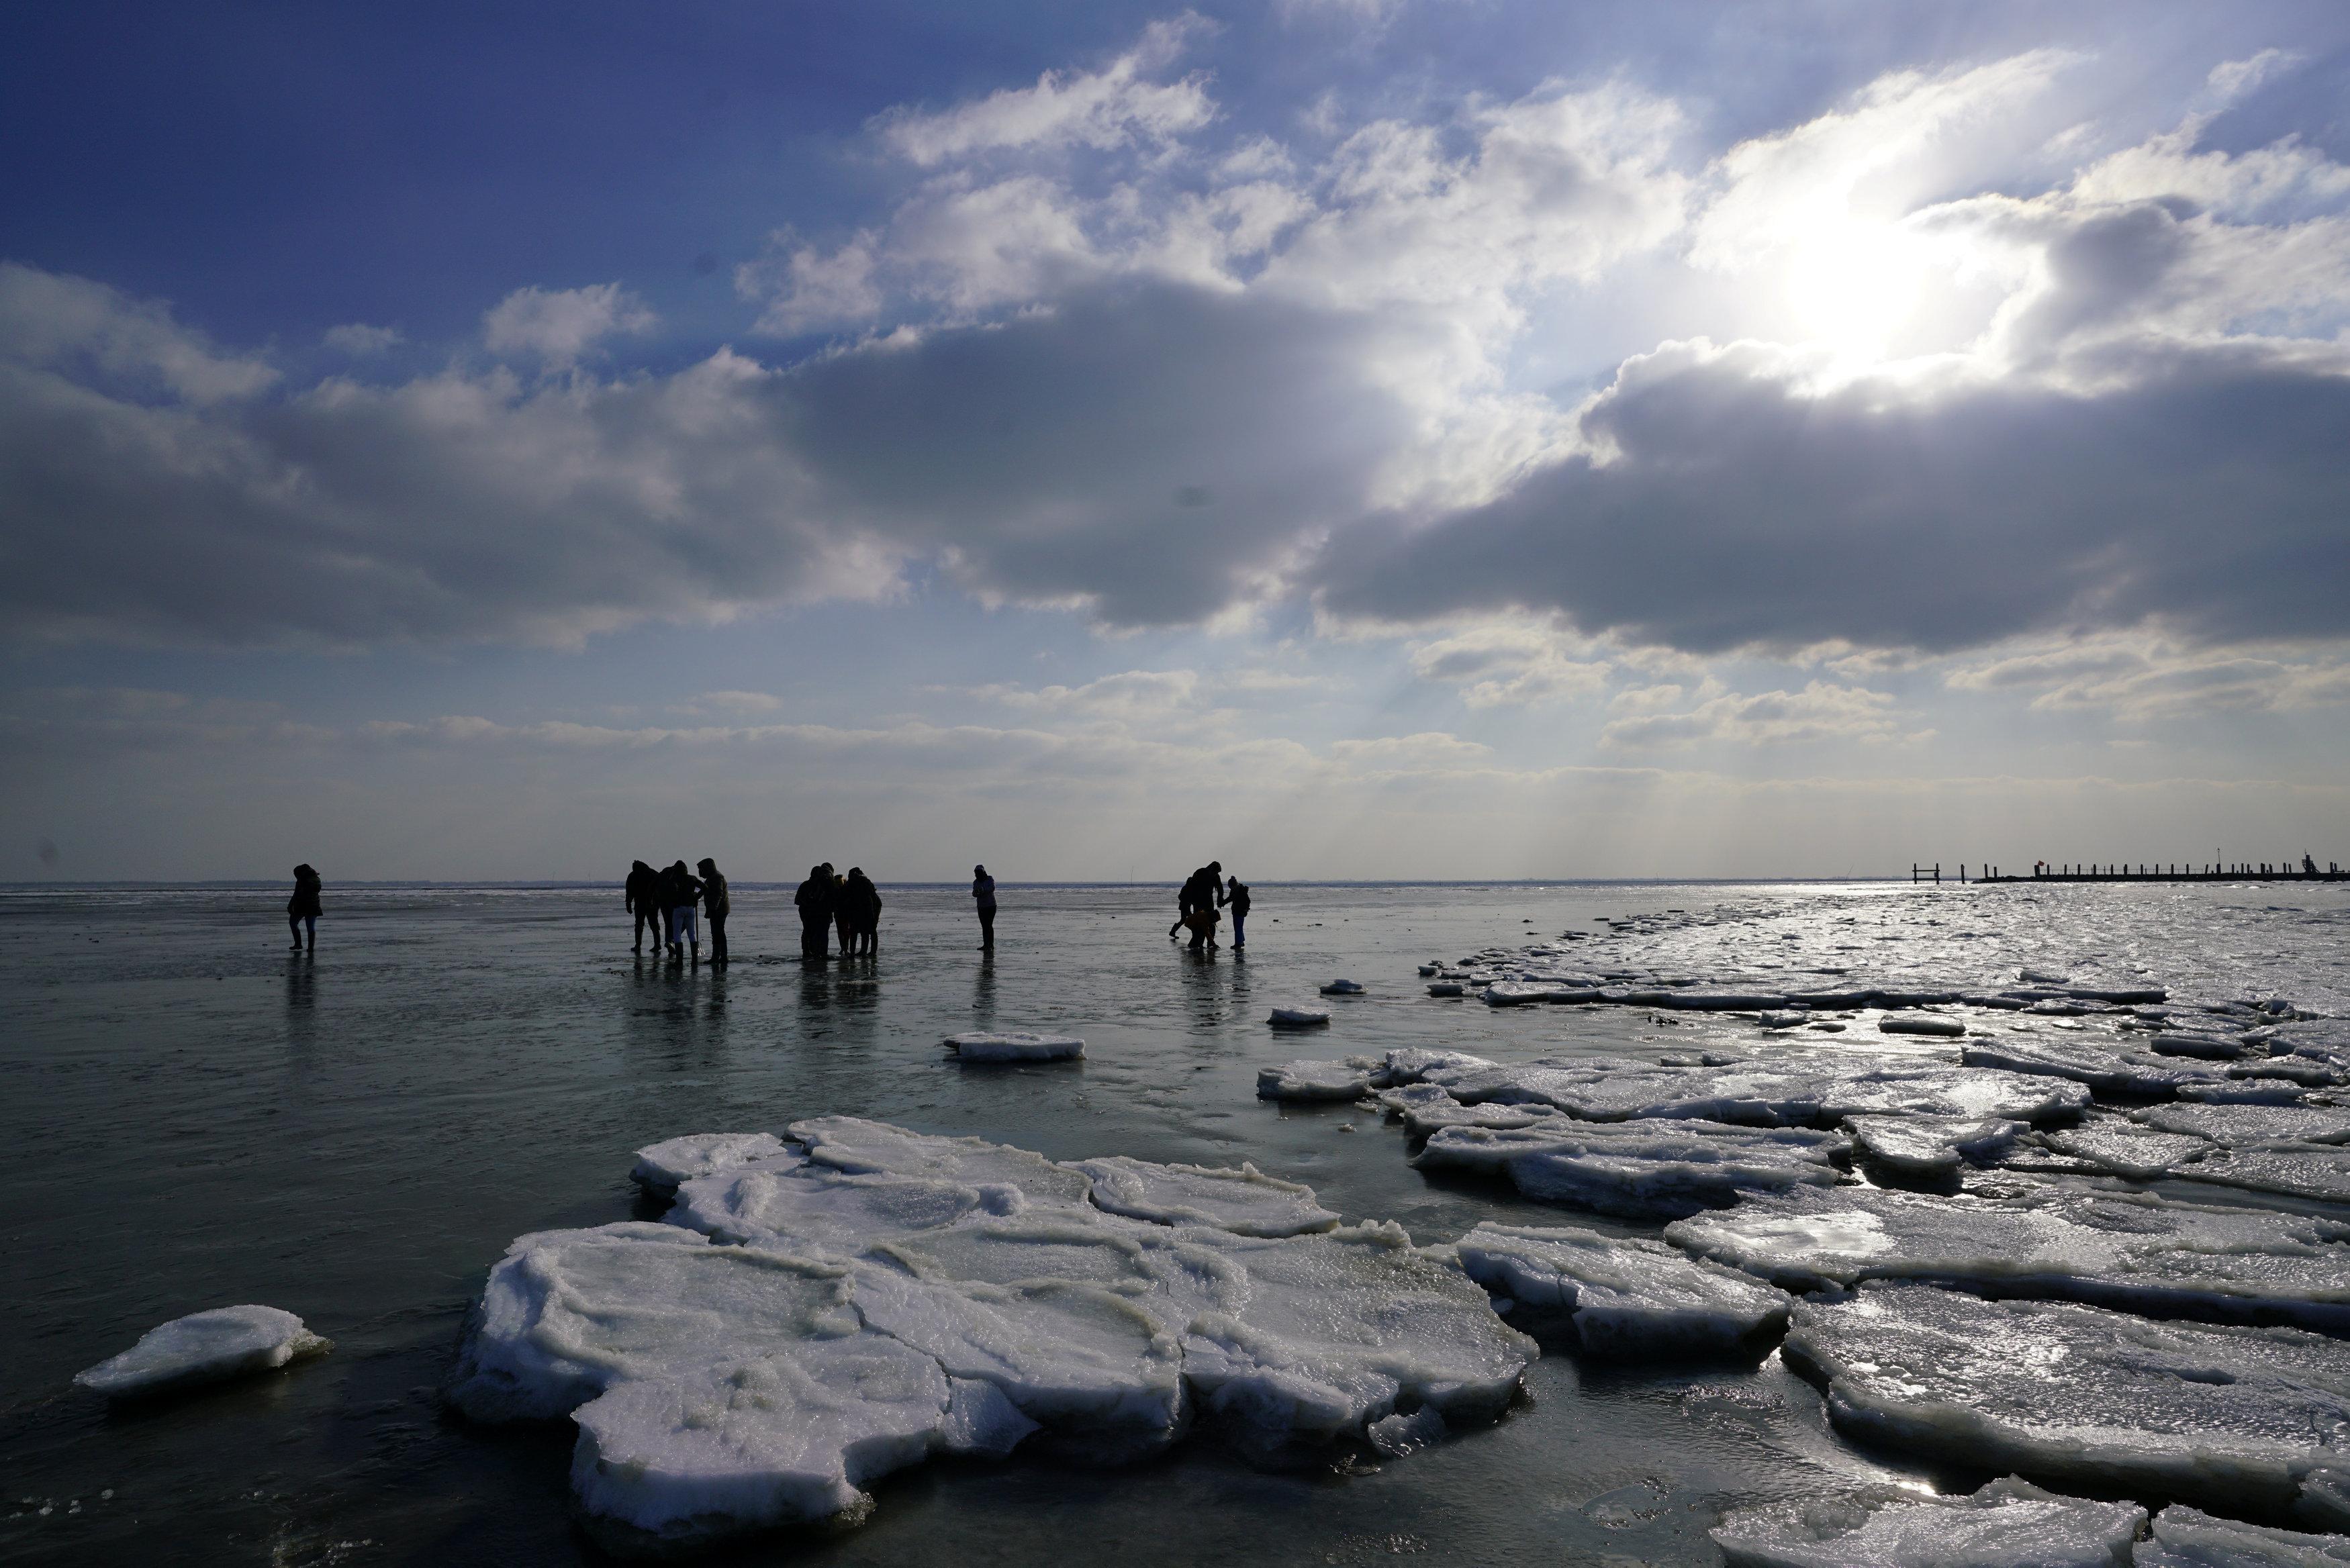 La isla de Schiermonnikoog,en Holanda (REUTERS/Cris Toala Olivares)